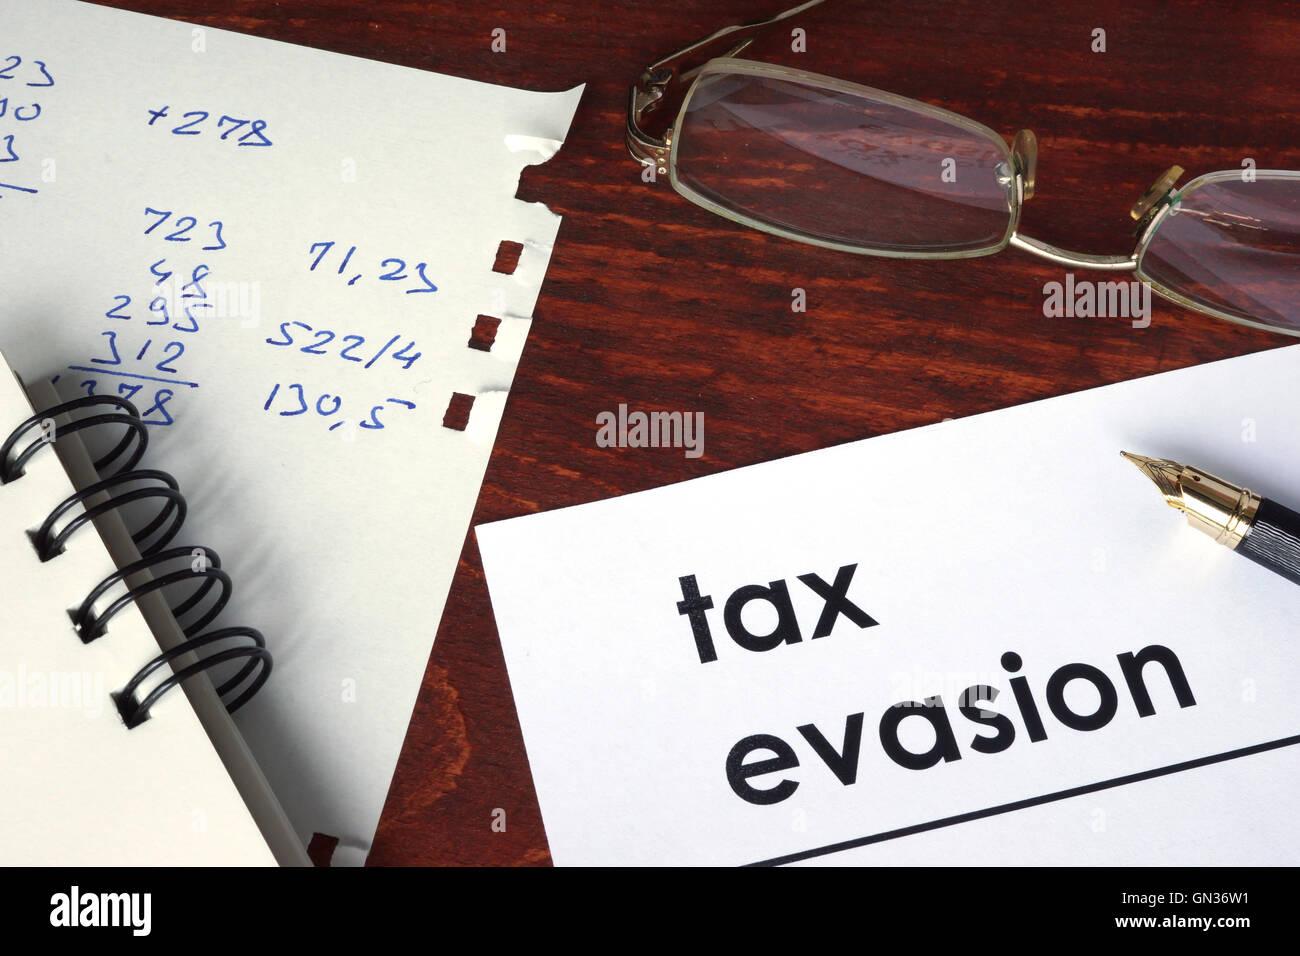 Evasión Fiscal escrito en un papel. Concepto financiero. Imagen De Stock